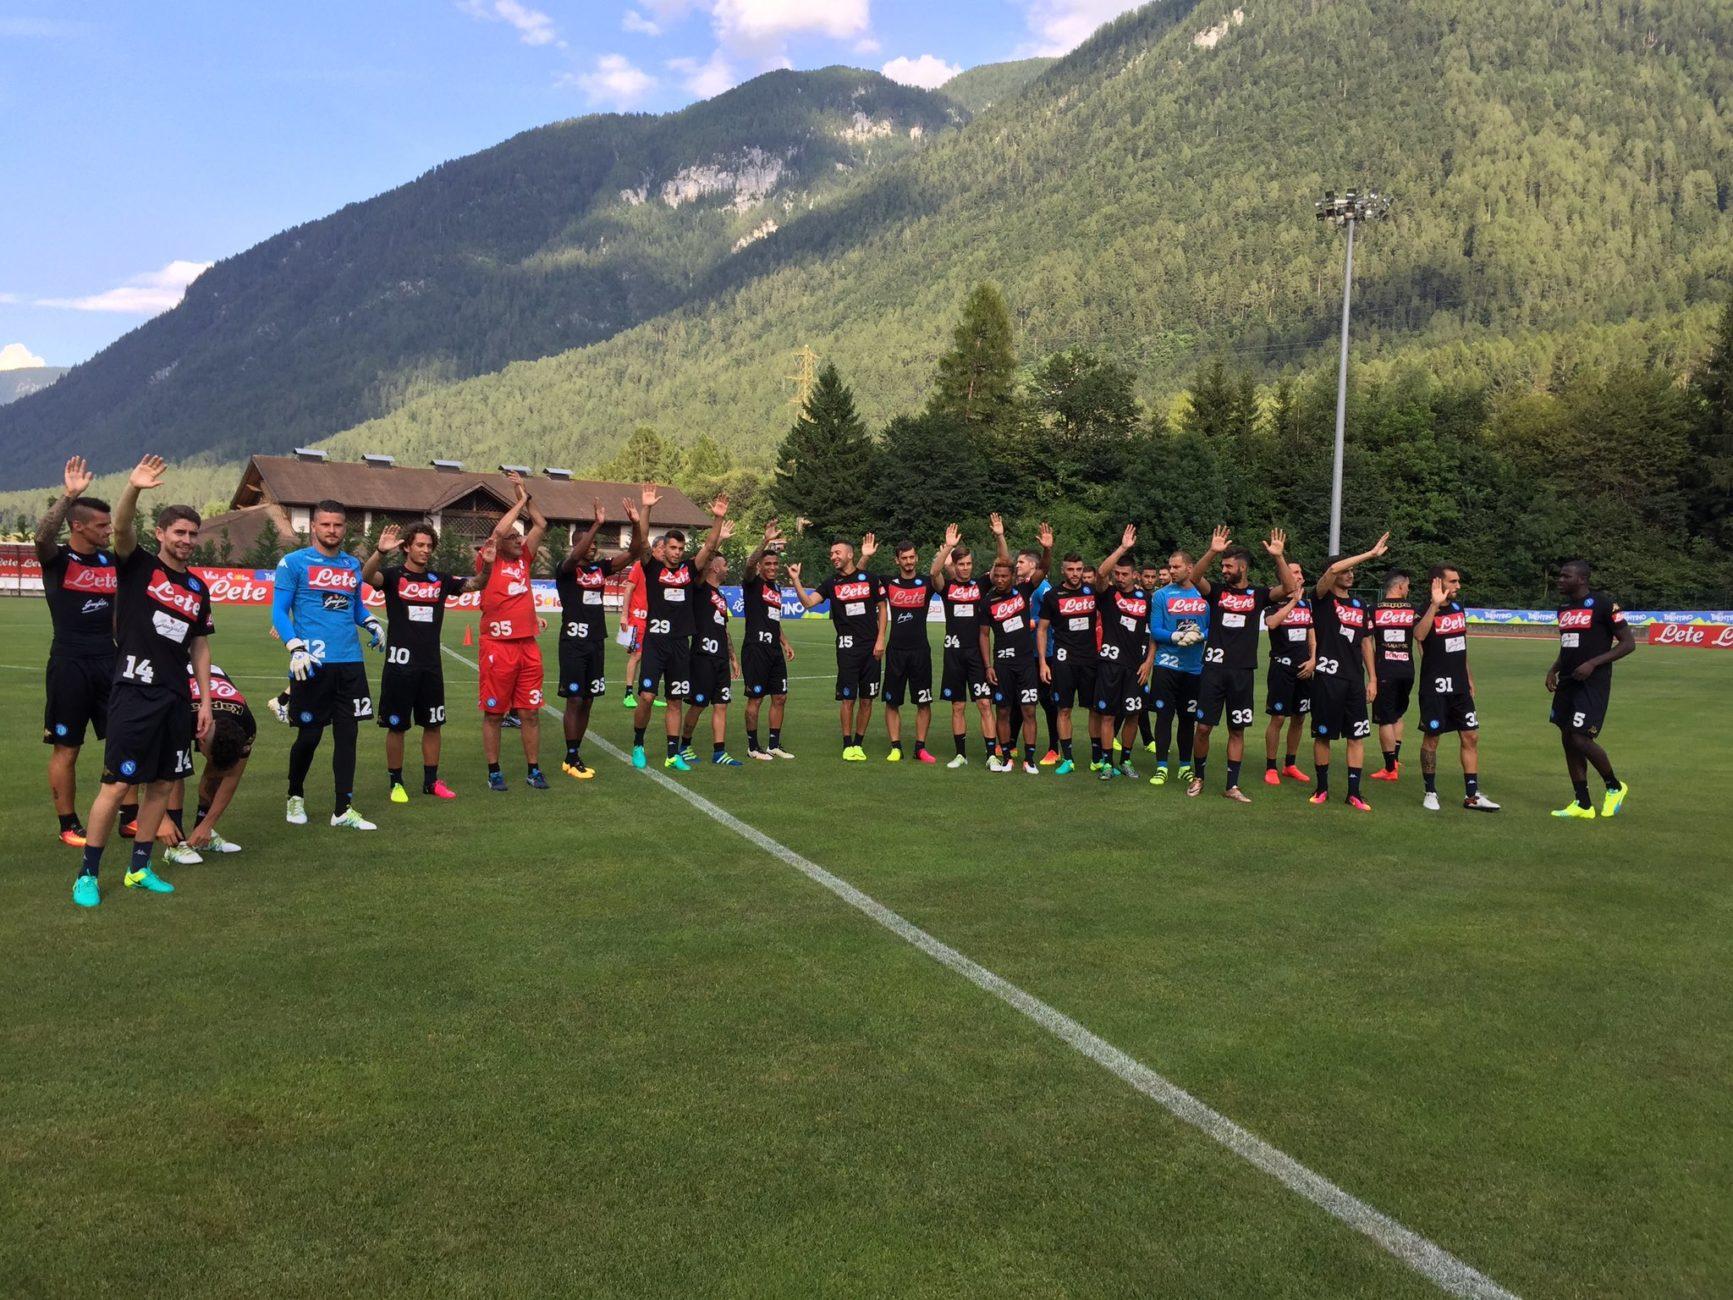 Champions League, le formazioni ufficiali di Napoli - Benfica: Sarri sceglie Allan